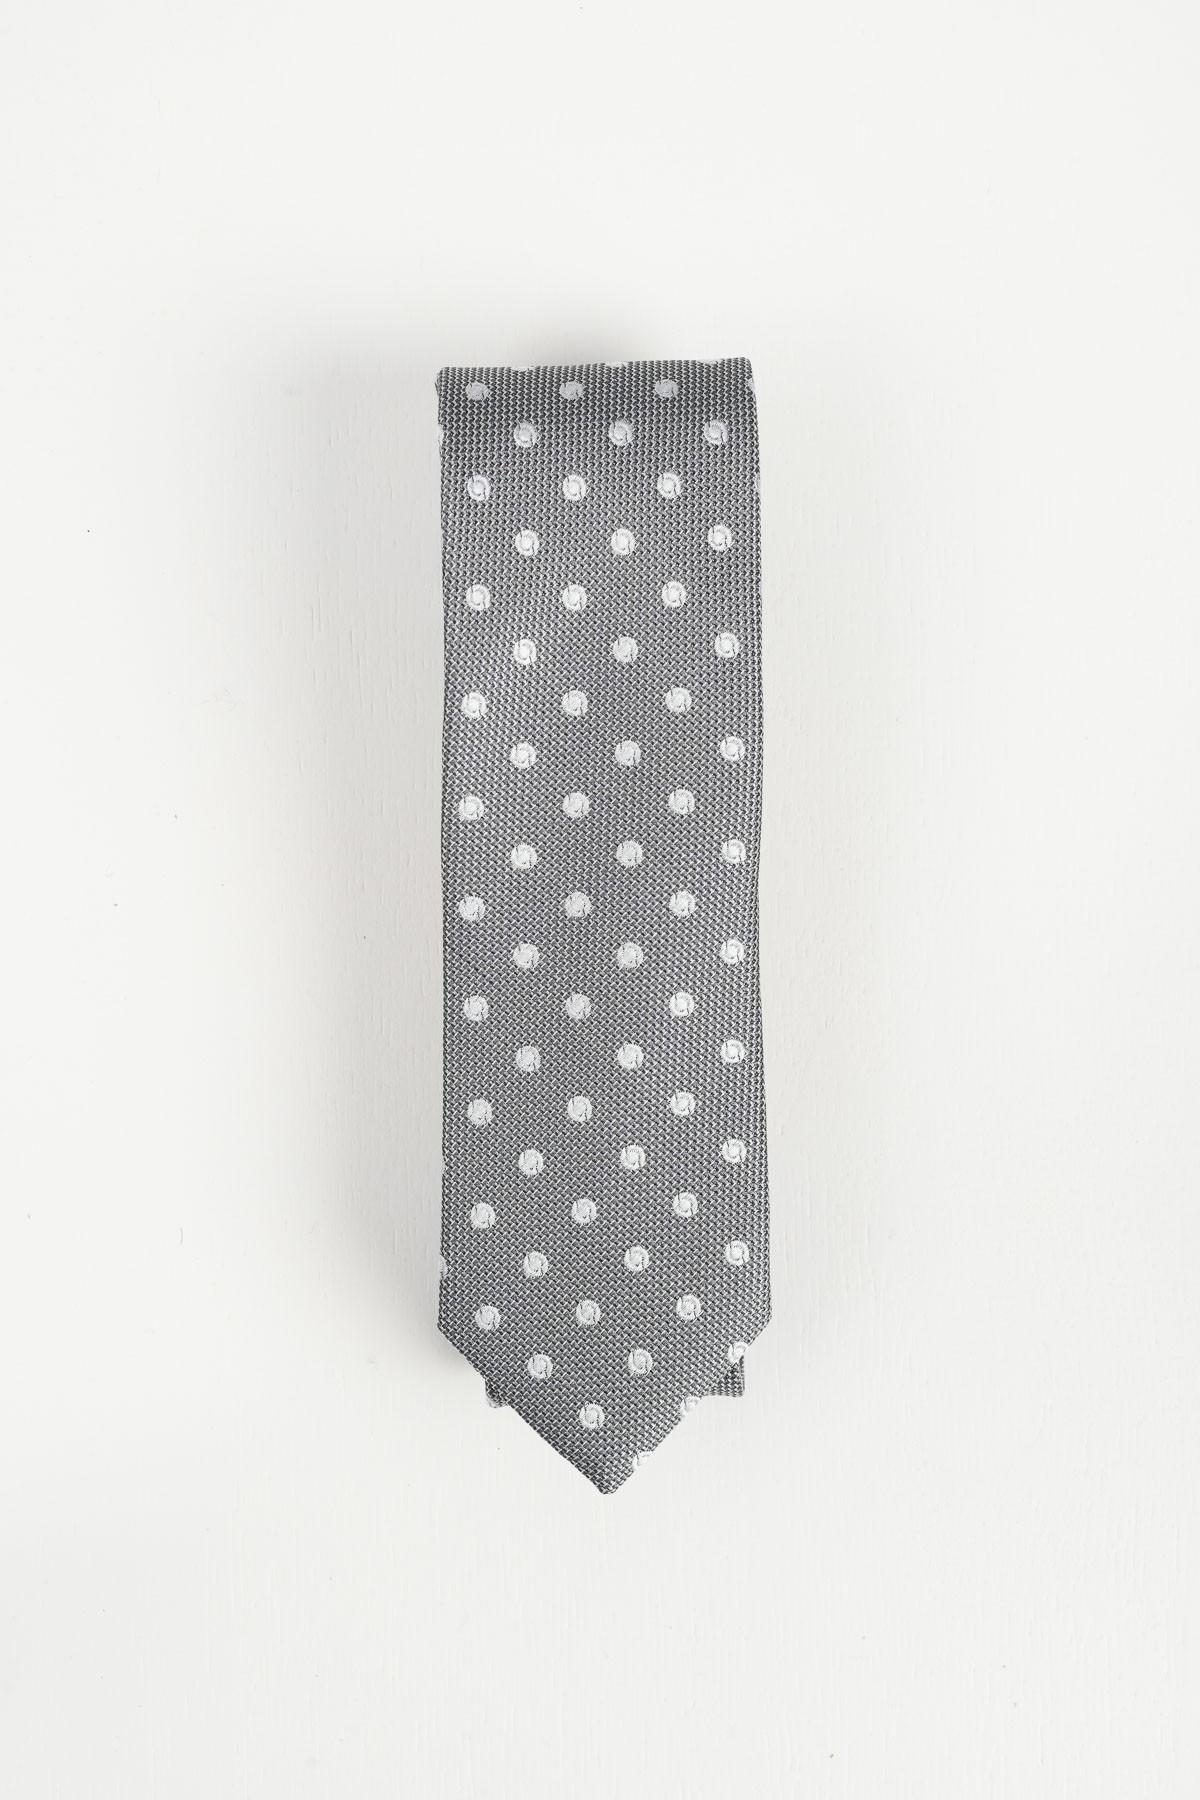 Cravata Barbati InvidiaUomo 25FPS 118